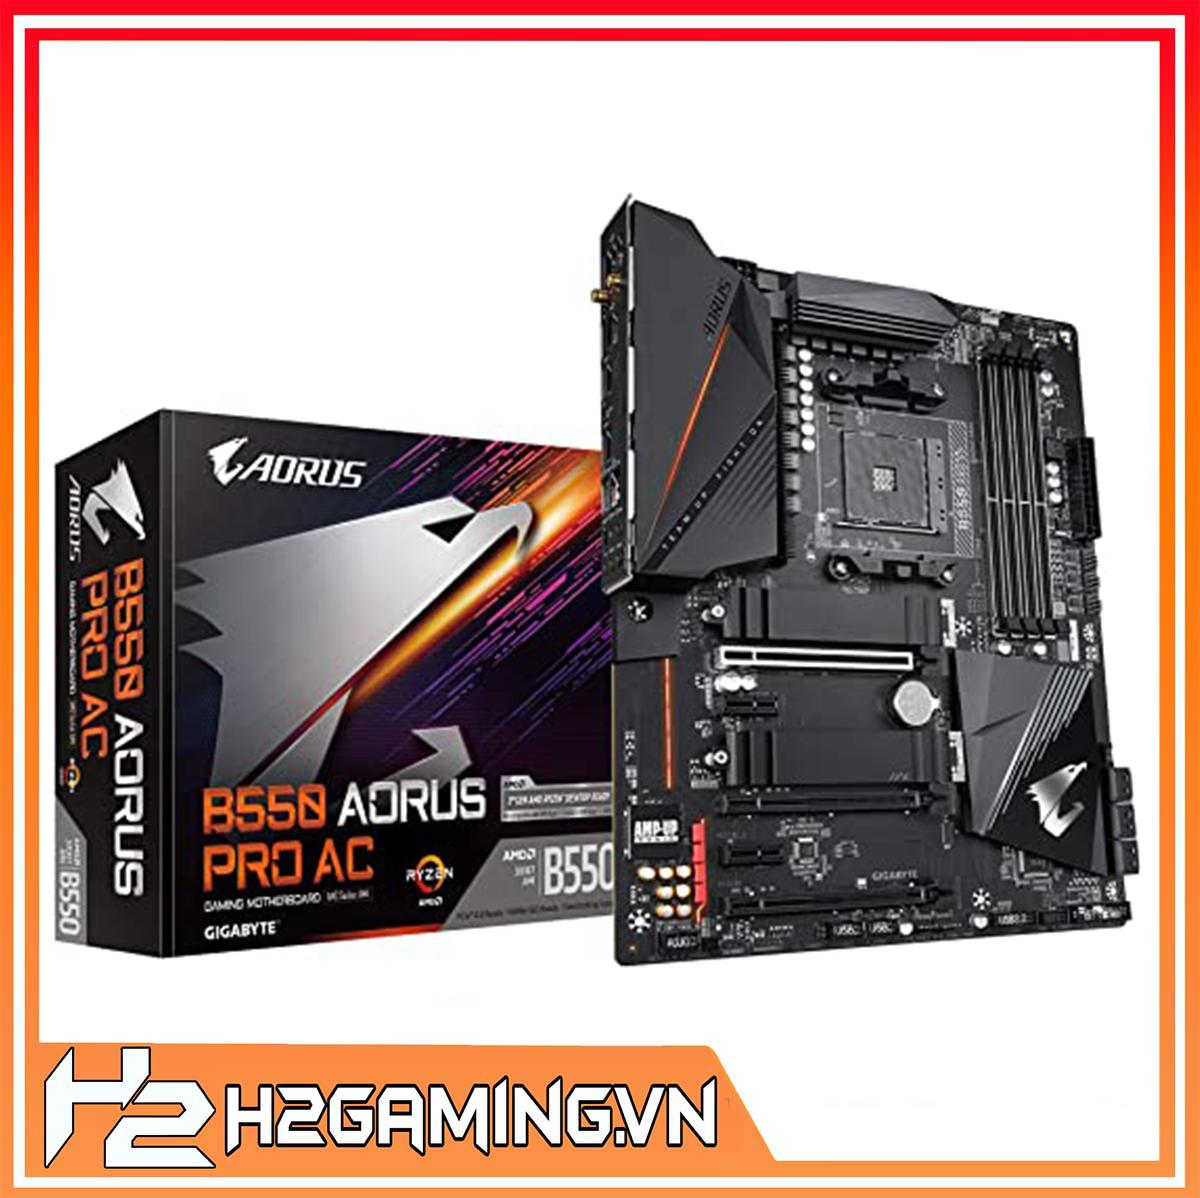 B550_AORUS_PRO_AC